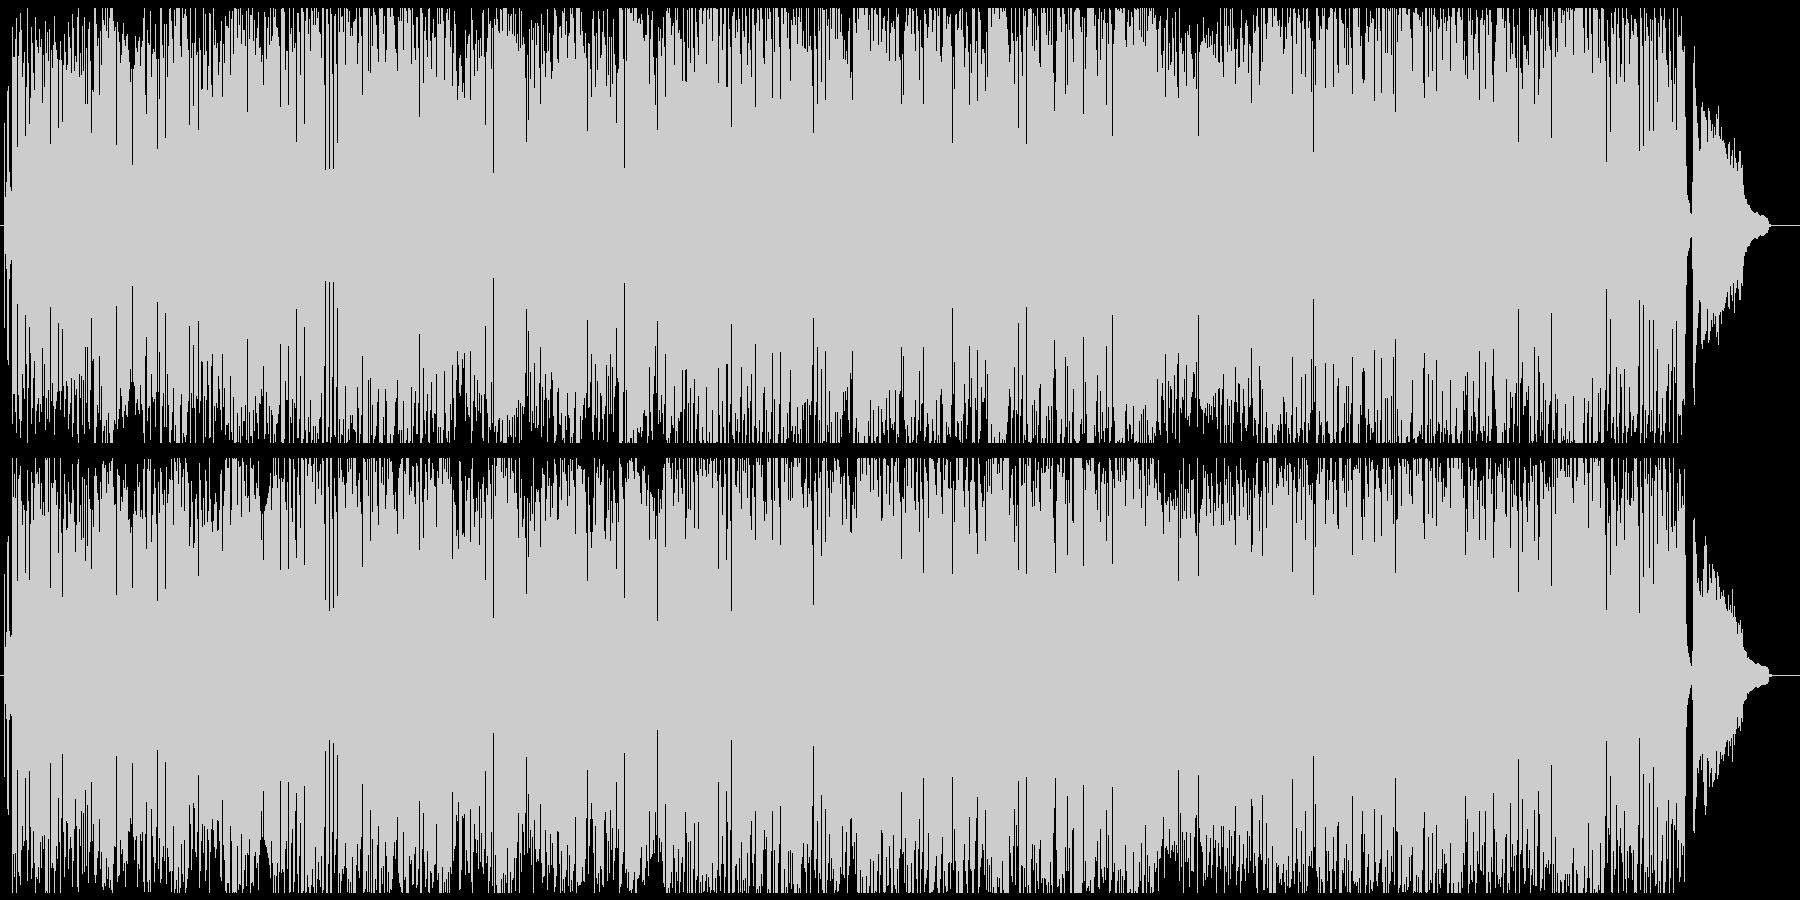 トランペットのおしゃれレトロな素敵BGMの未再生の波形